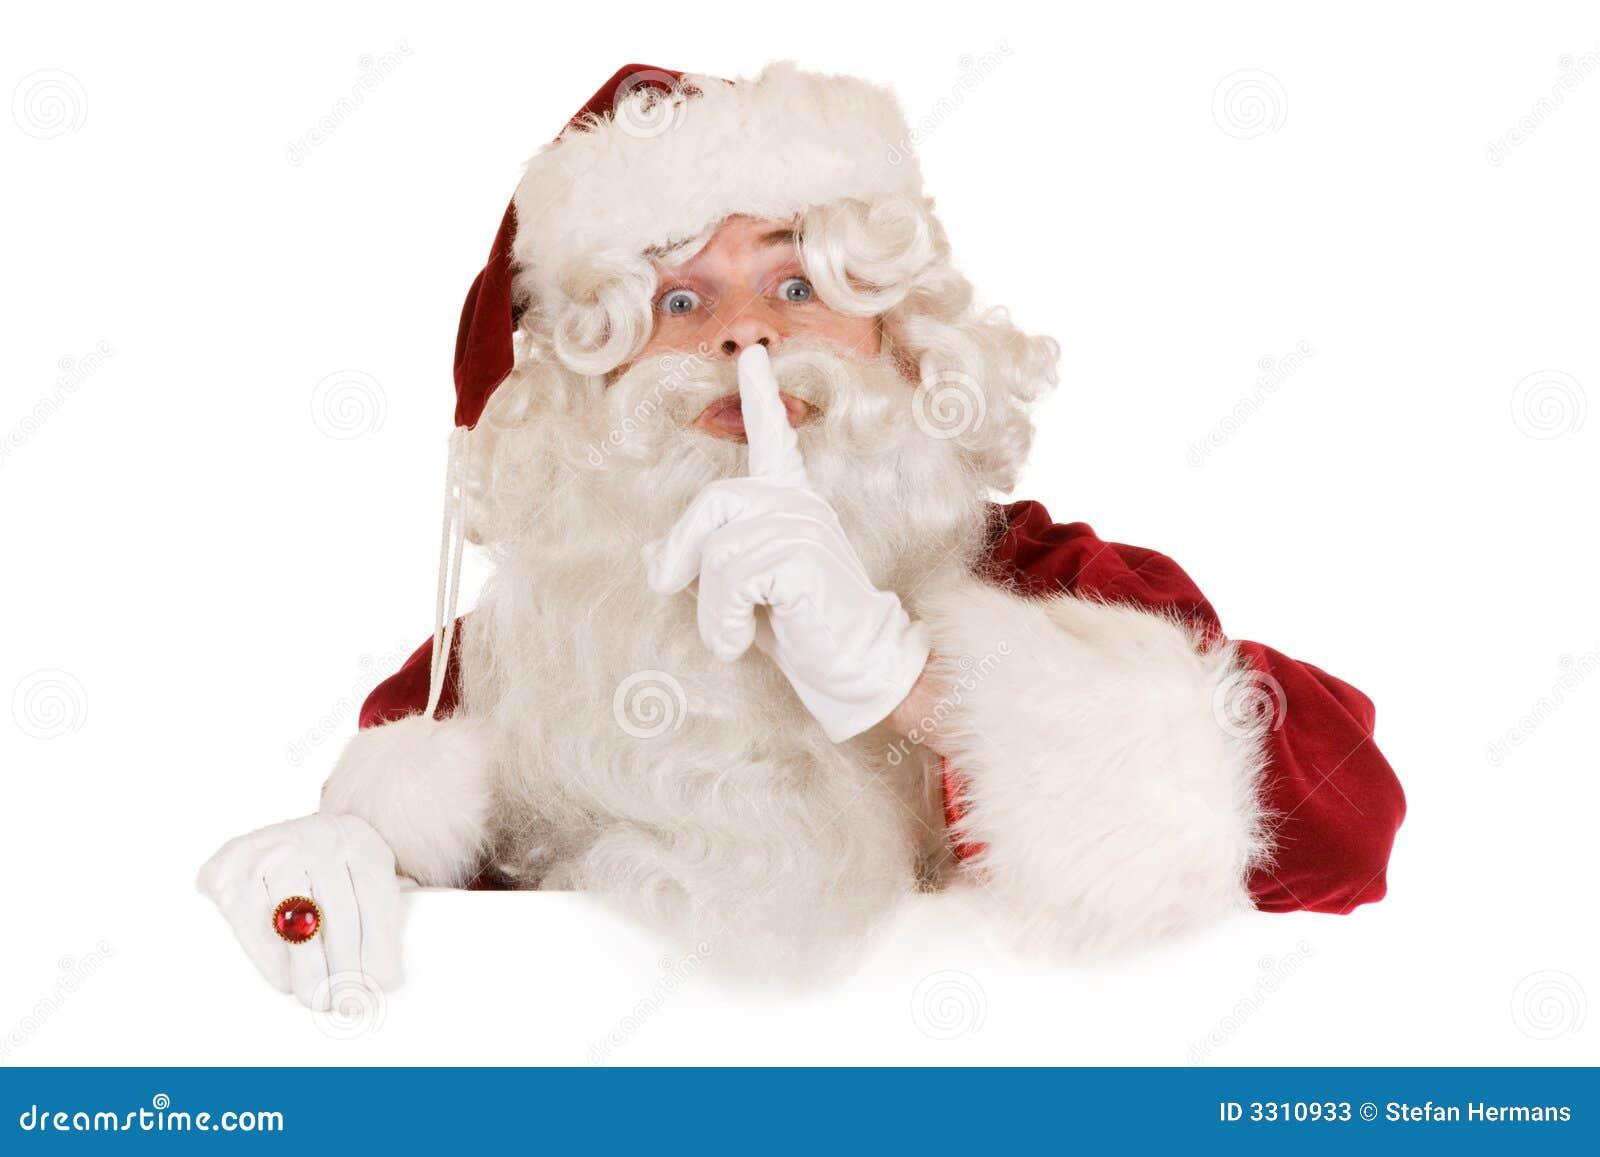 Santa claus banner stock photos image